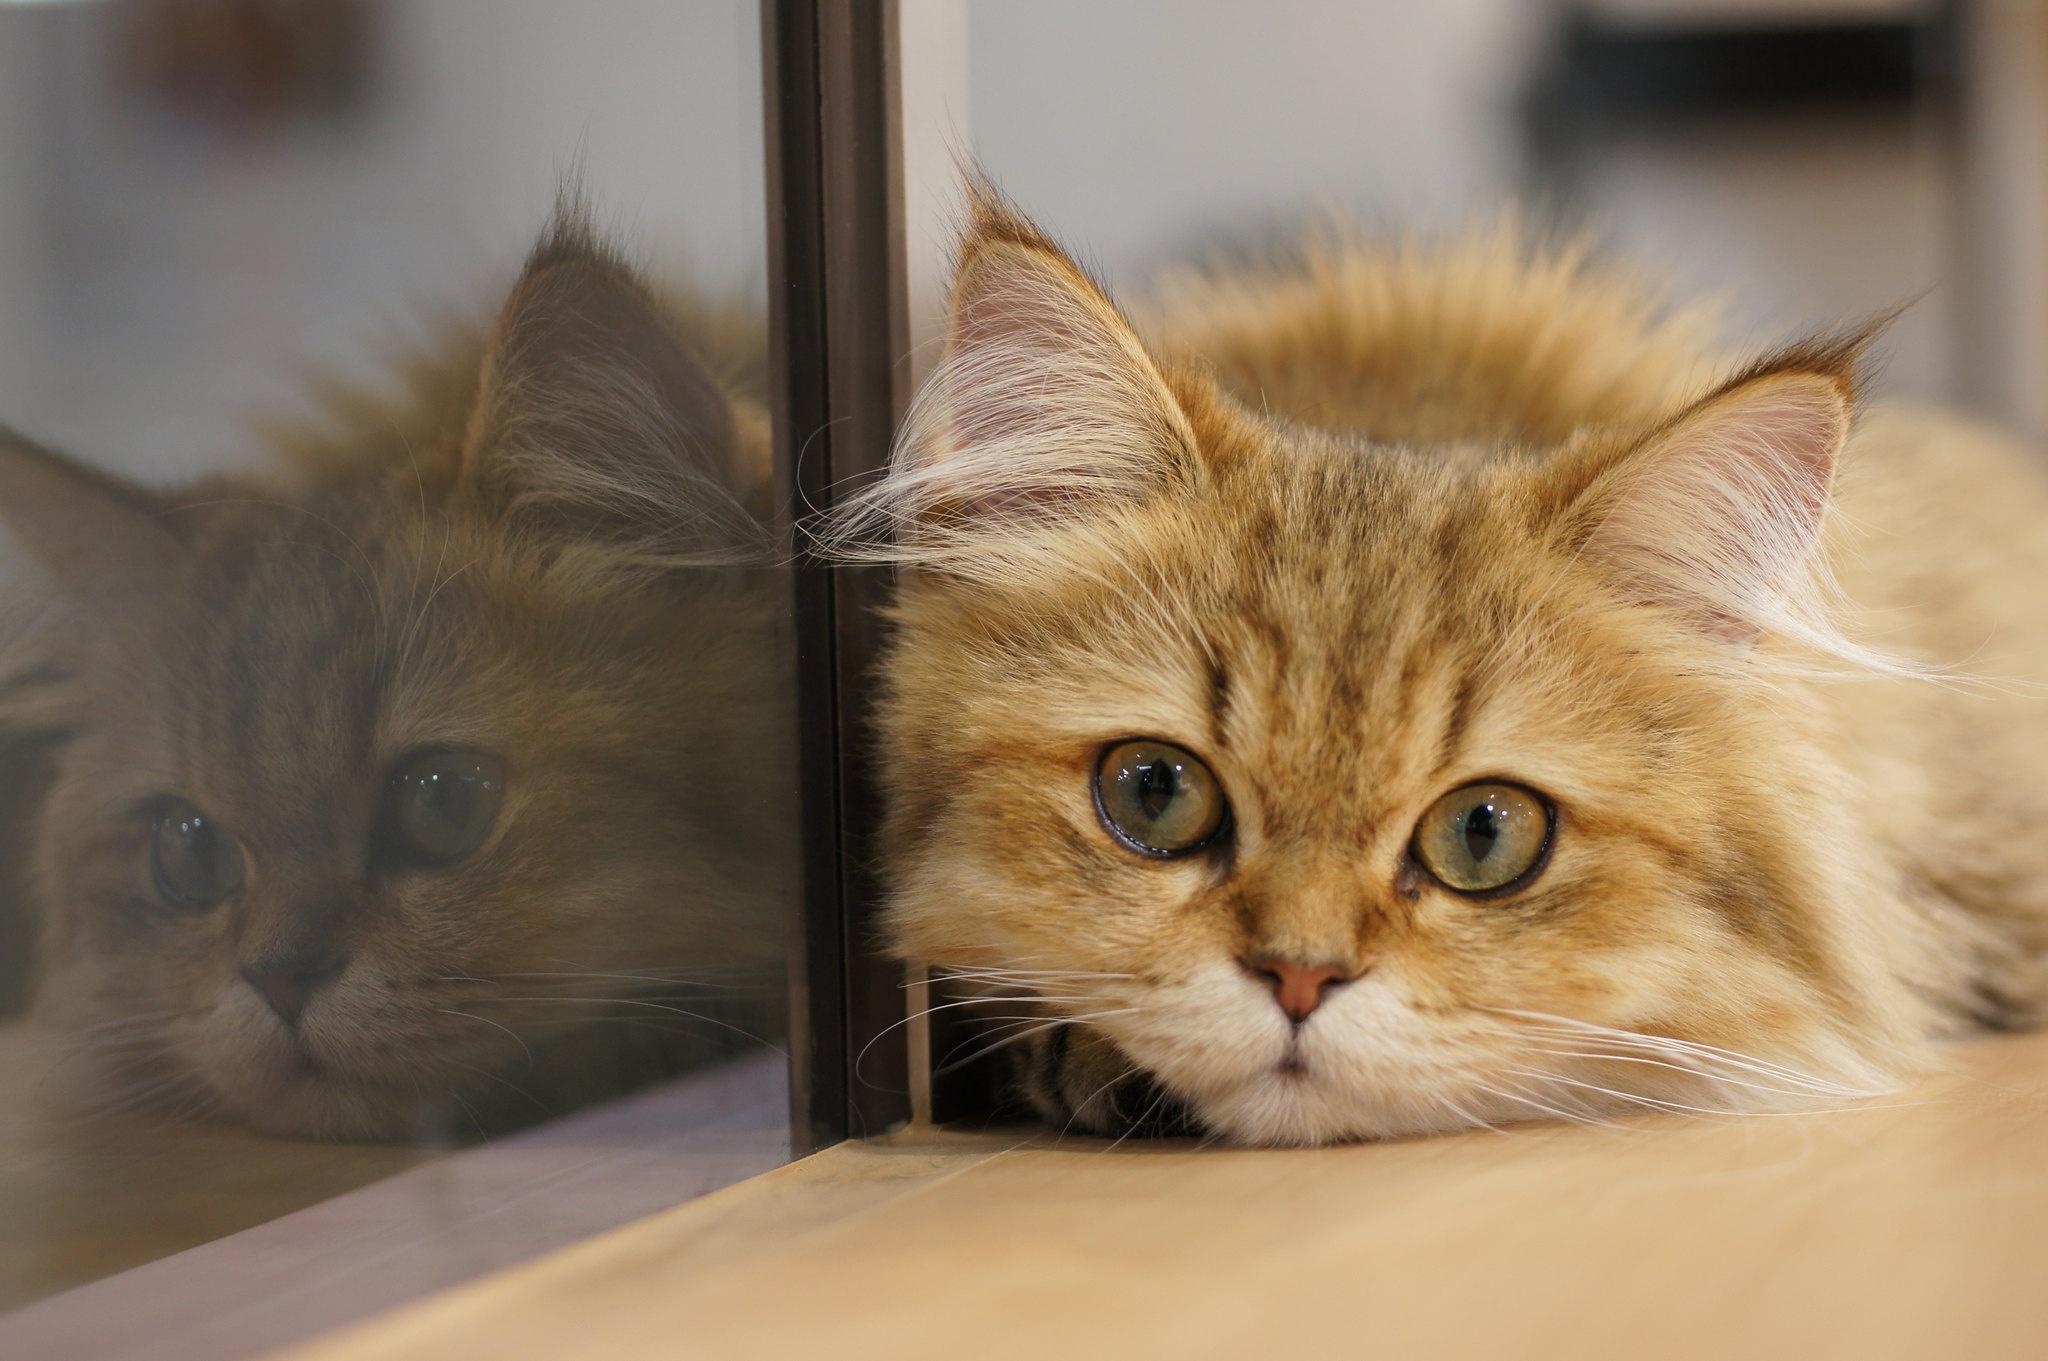 Обои поза, боке, черно-белый, природа, кот, лежит, лето, Кошка, фон, морда, отдых, чёрный, Котя, Kote, желтые глаза, зелены, трава. Кошки foto 10